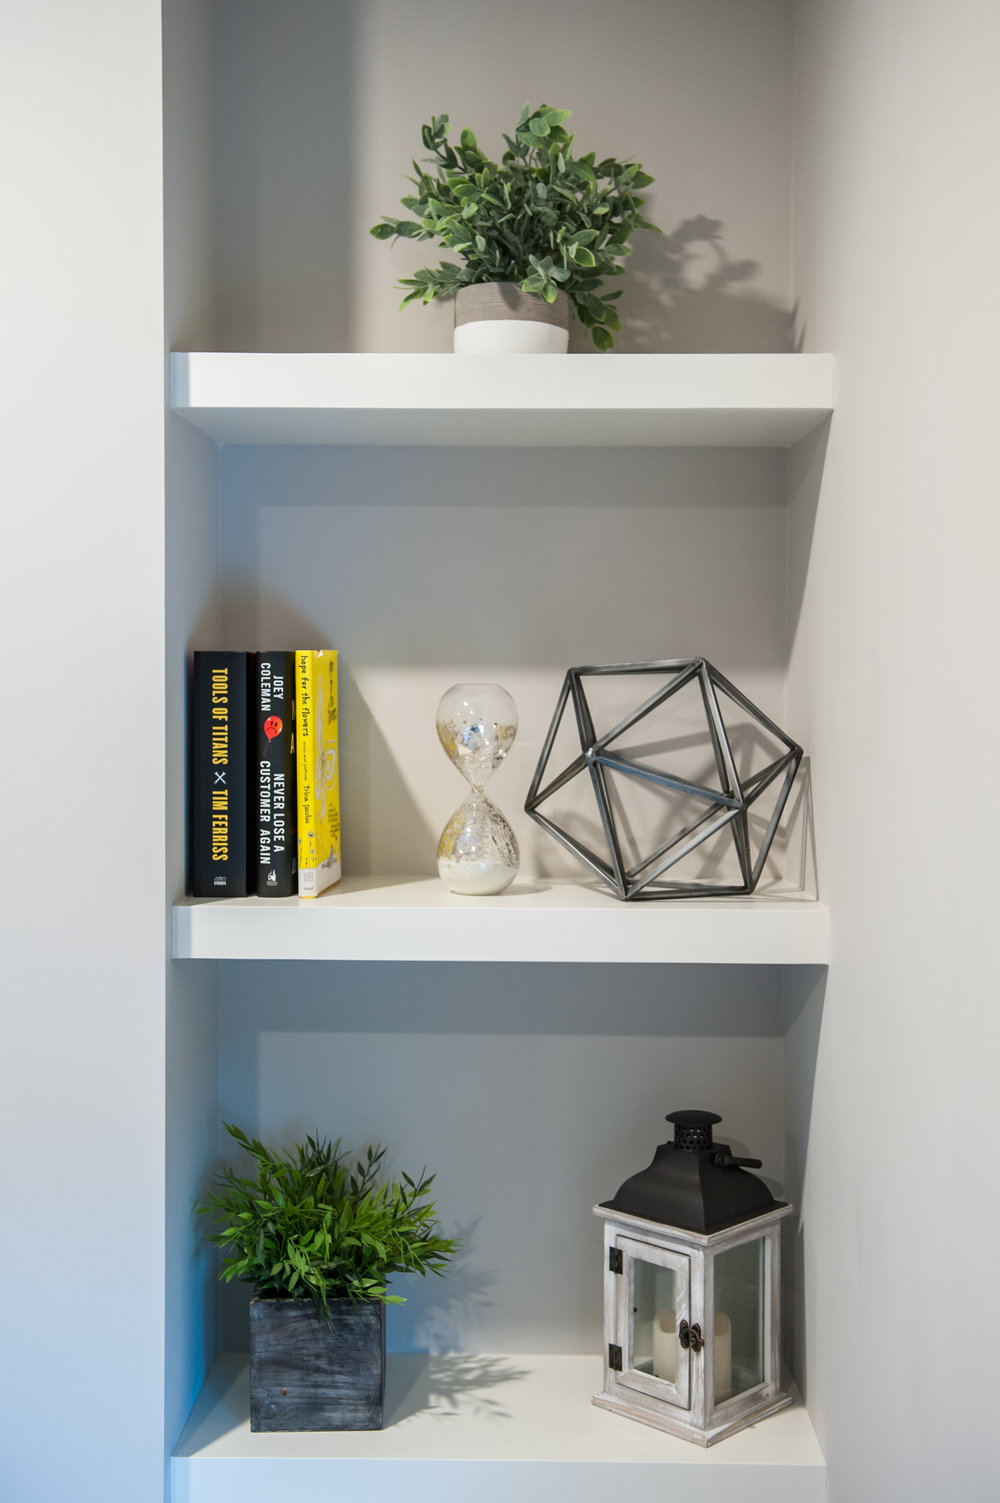 shelves_open_mdf